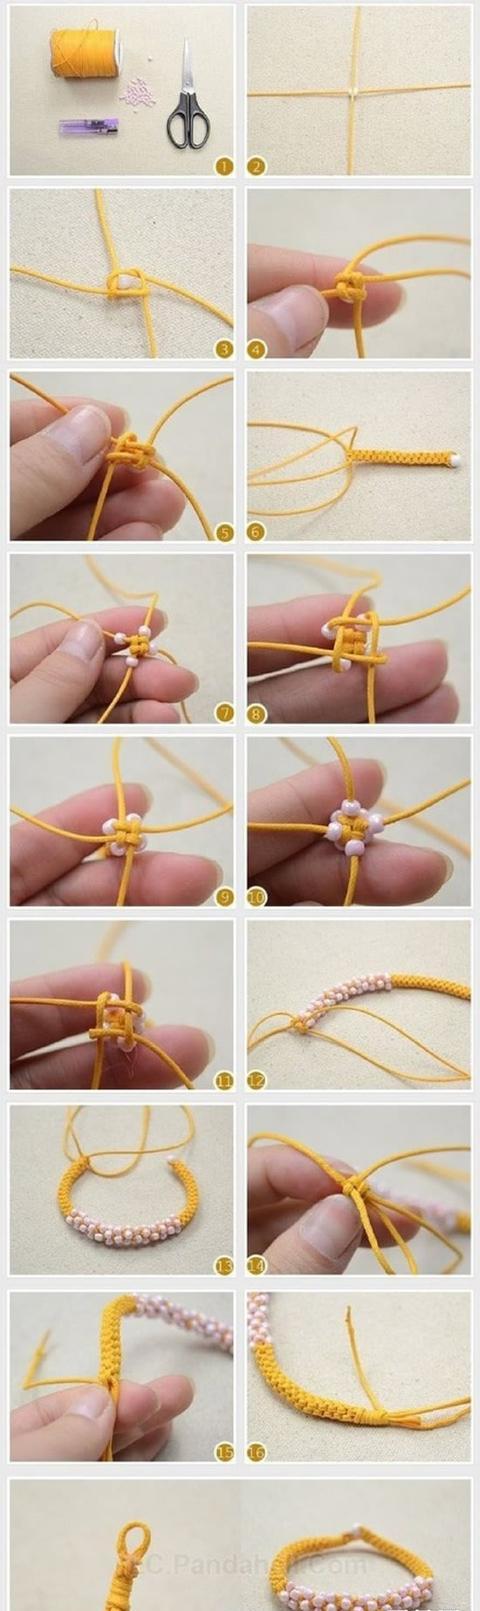 串珠 绳编手链教程